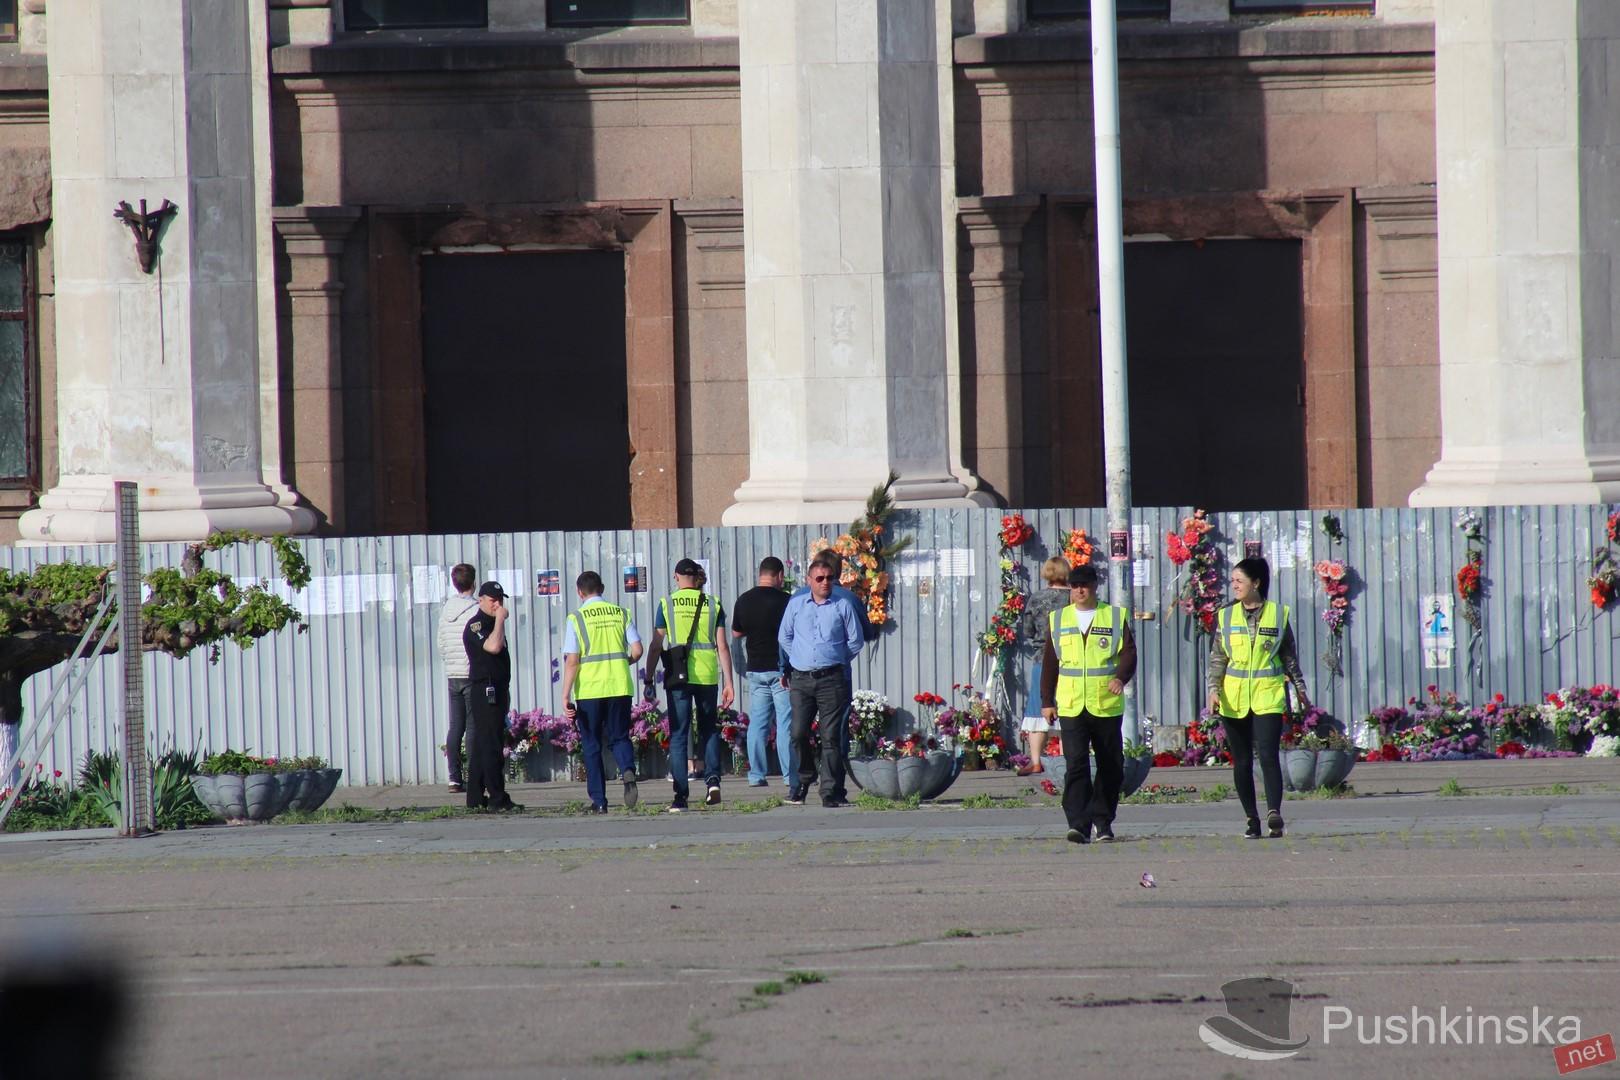 Что происходит в Одессе на годовщину трагедии 2 мая. Онлайн-репортаж